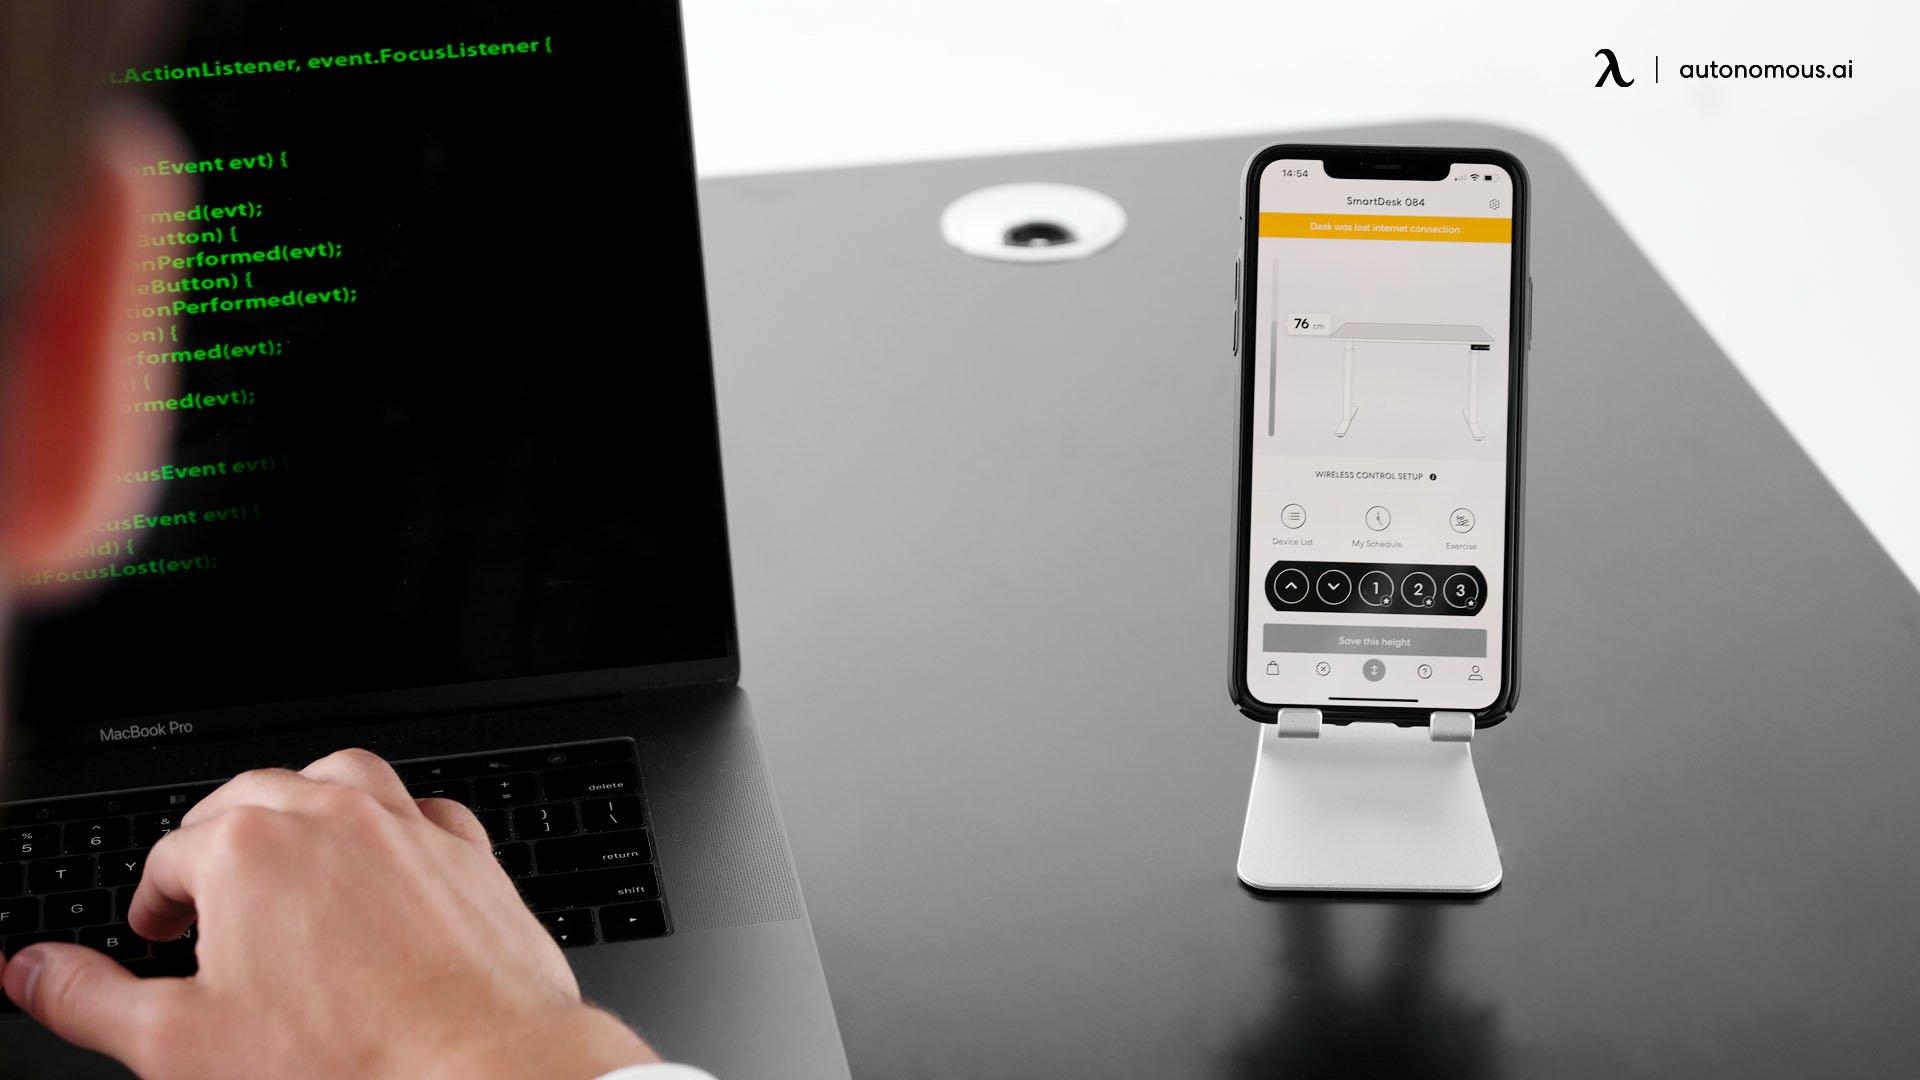 The Autonomous App